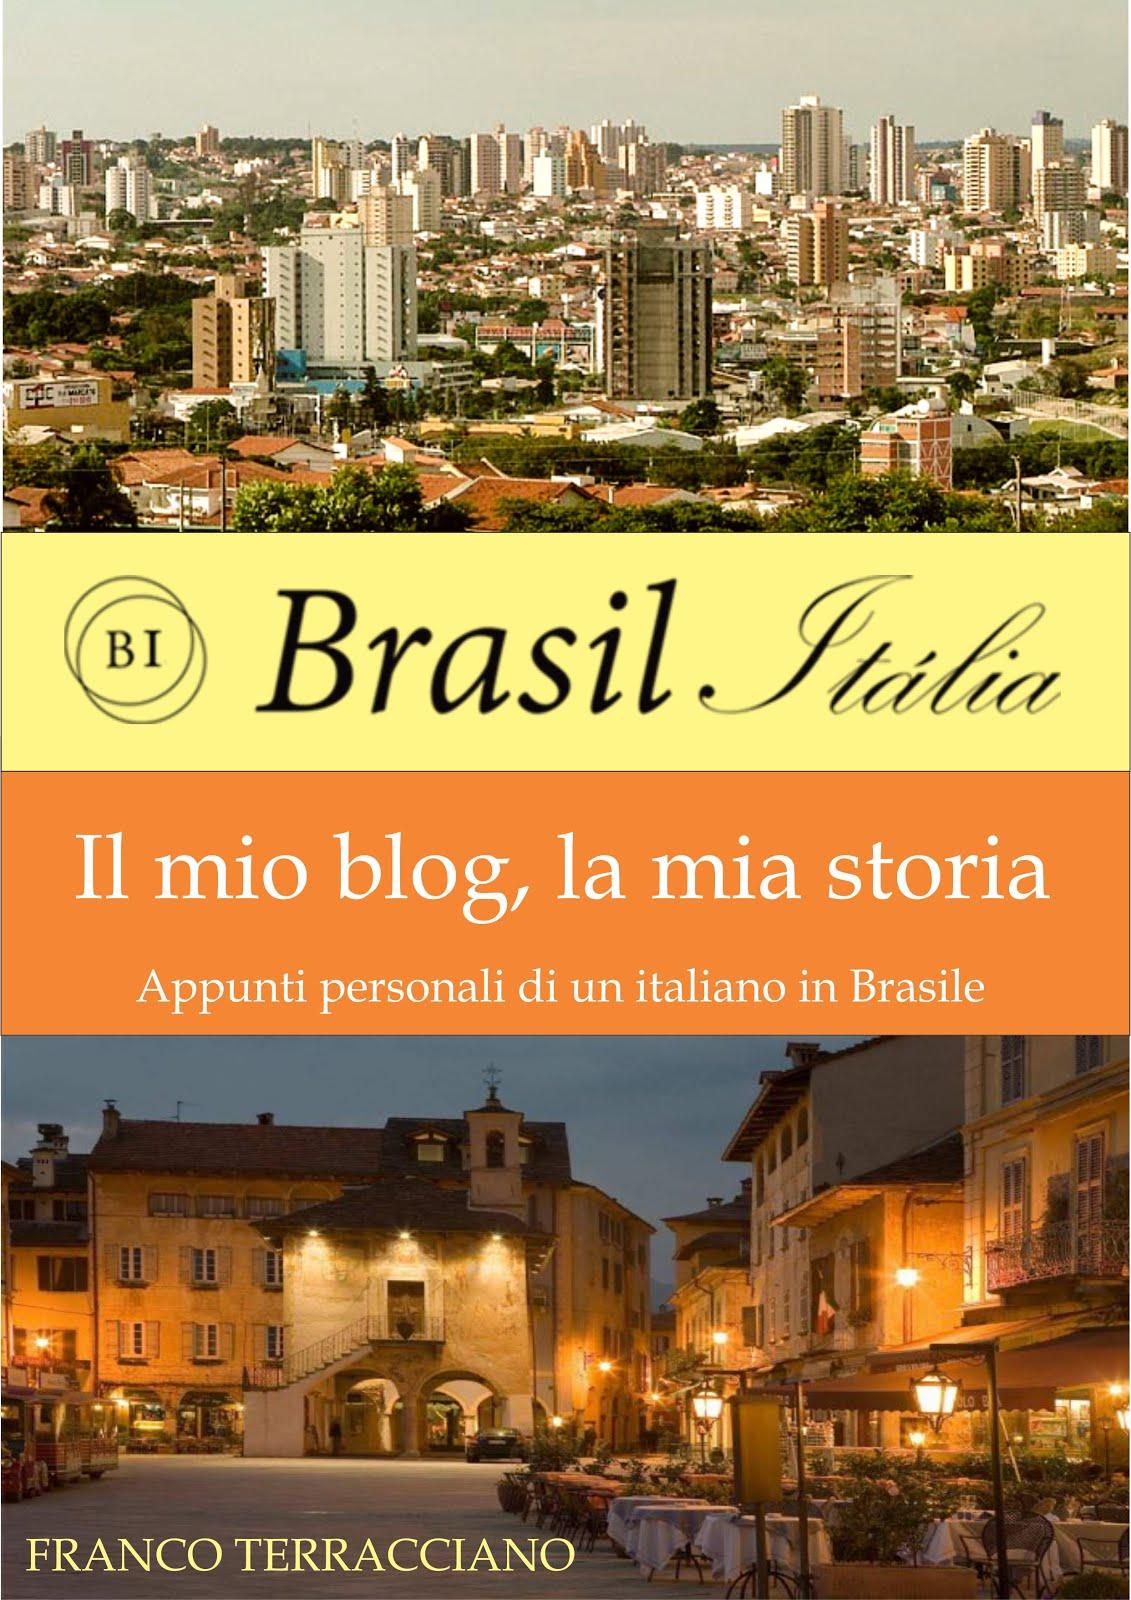 Il mio libro sul Brasile